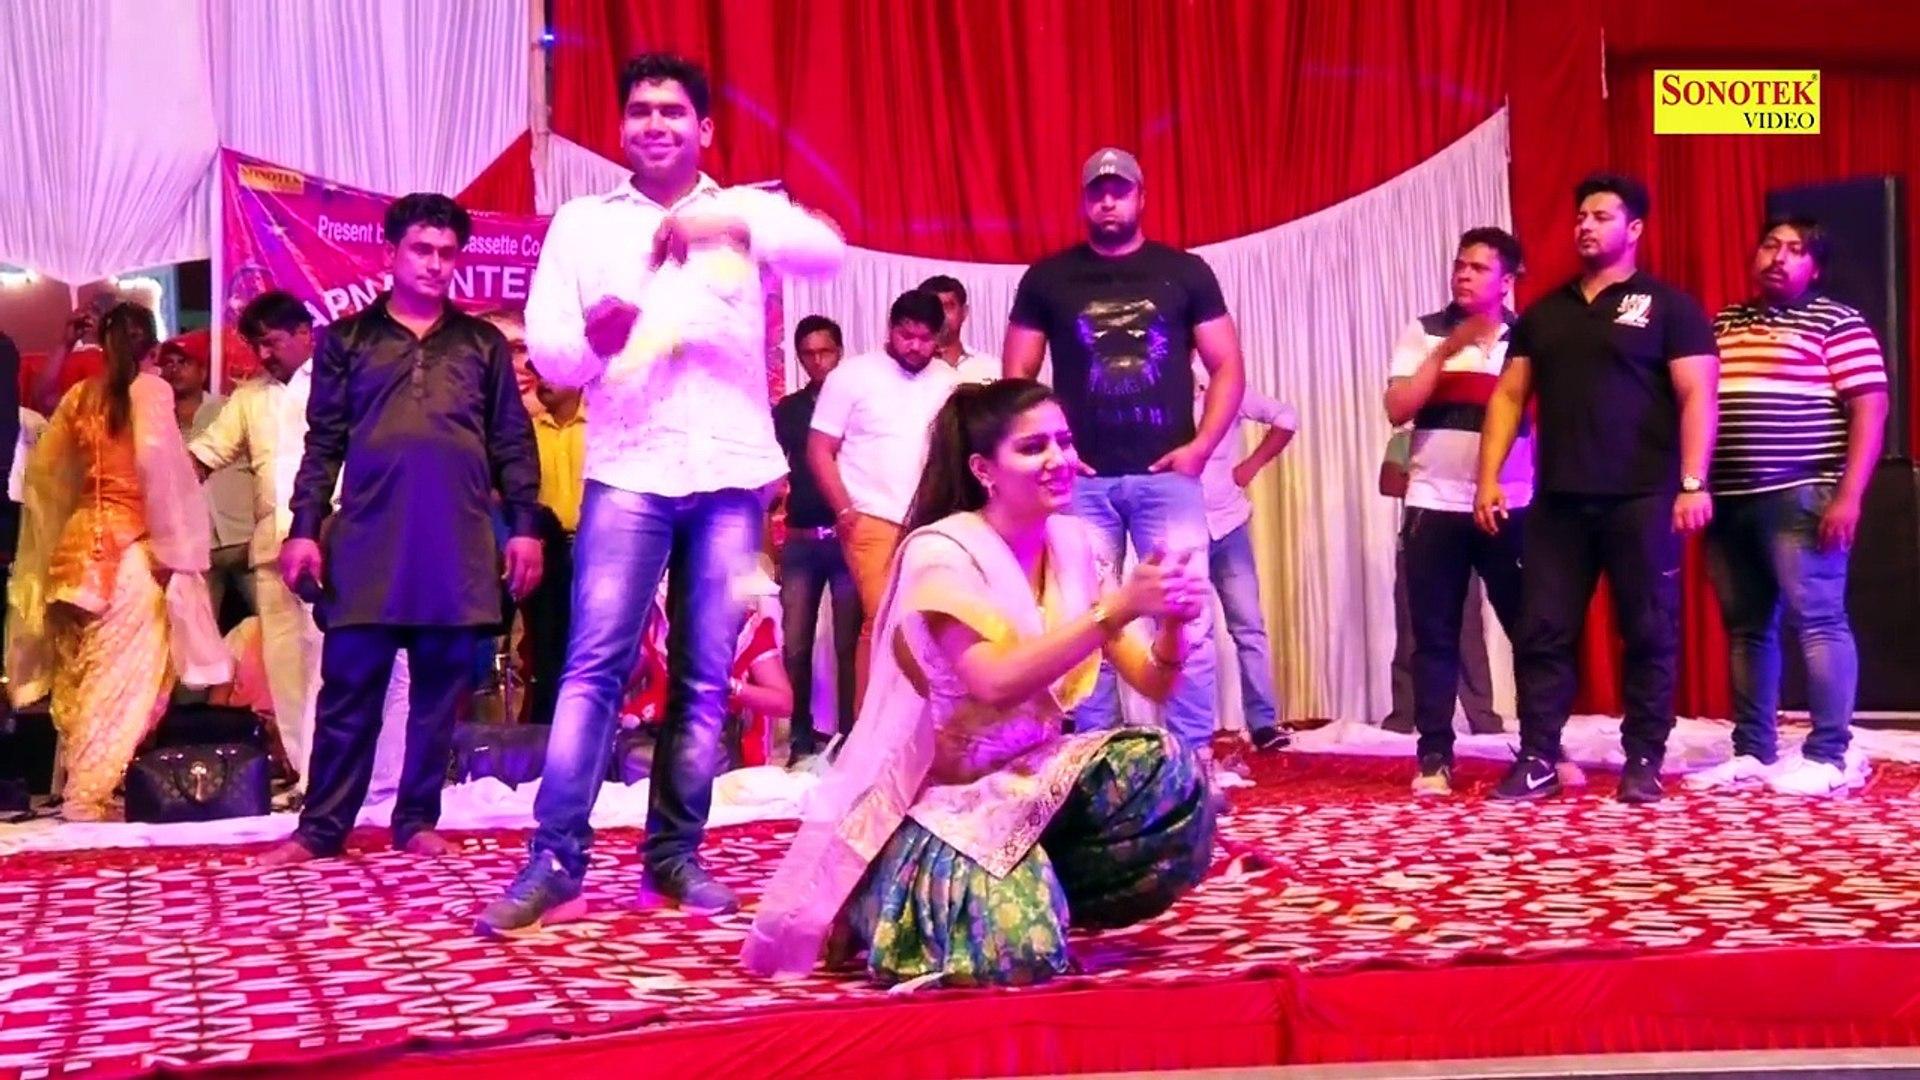 Haryanvi Sexy Dance || प्यार में डूबी सपना का मस्ती भरा डांस पूरी मस्ती की गारंटी विडियो देखे Sapna